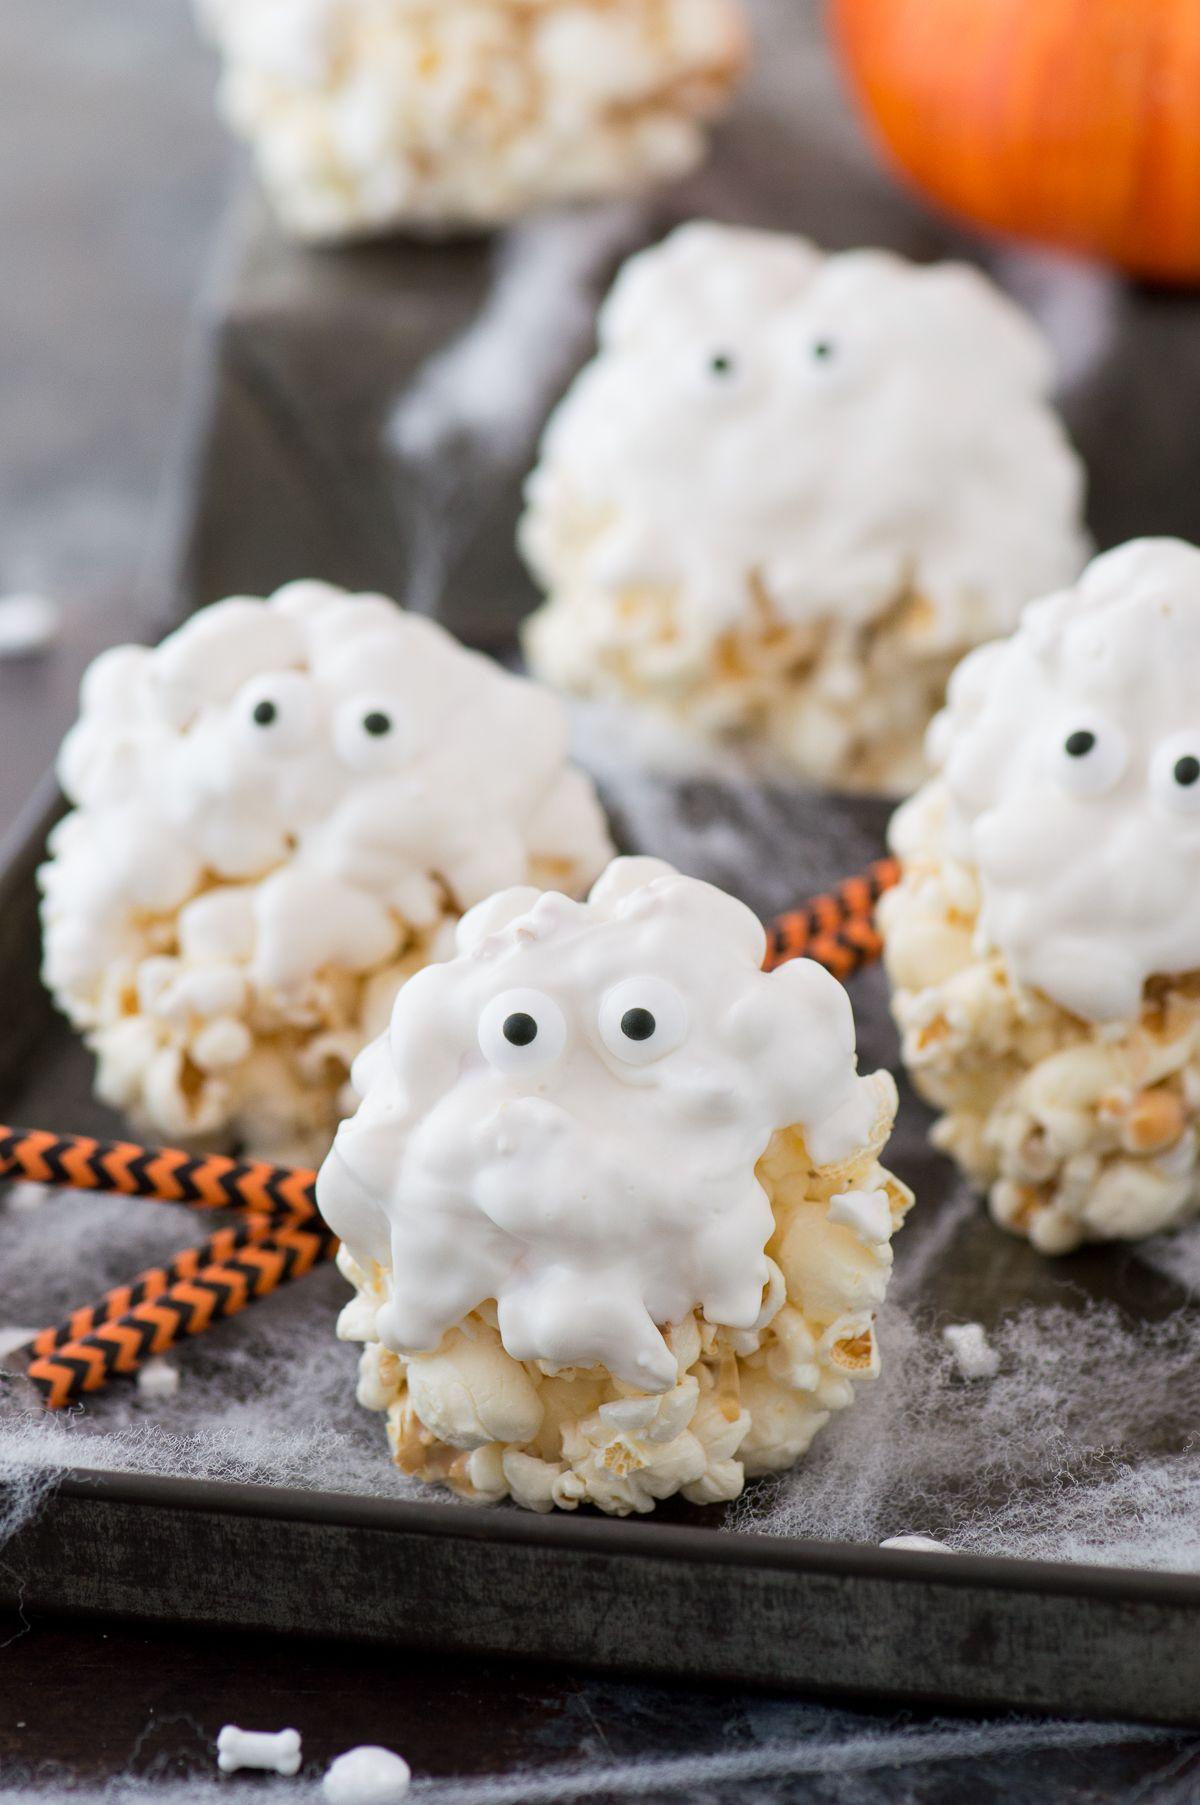 palomitas con glaseado real, golosinas y merienda Halloween, como hacer unos aperitivos Halloween atractivos y fáciles